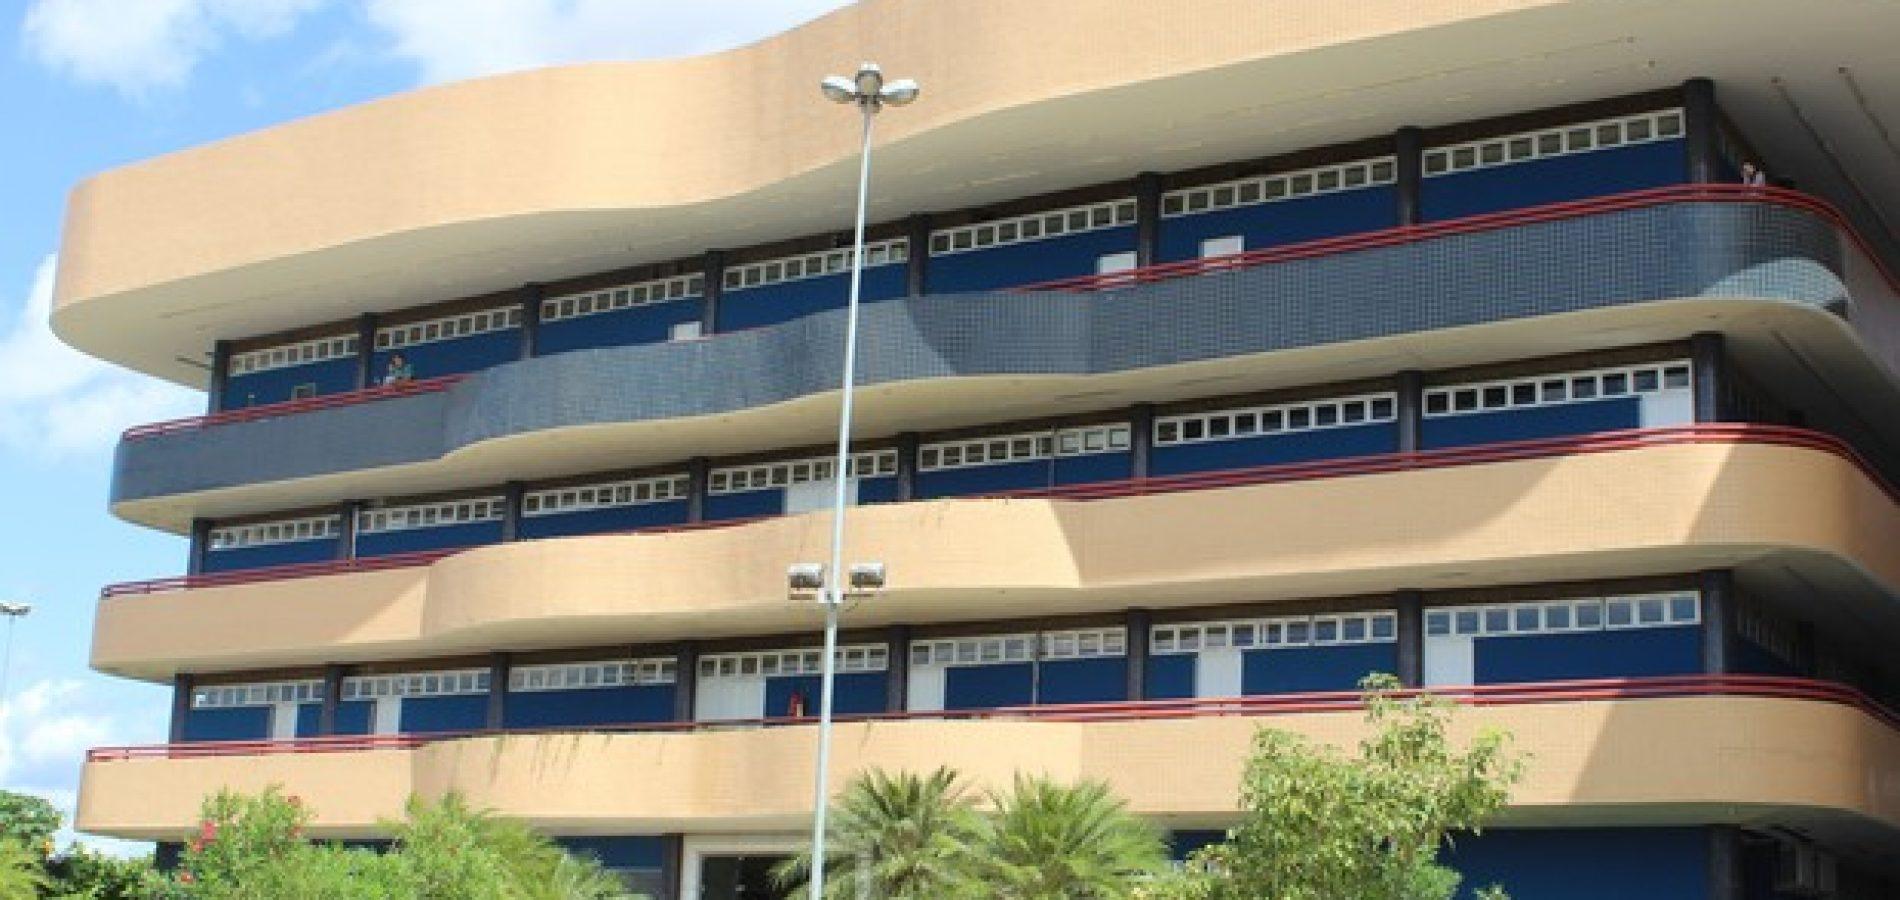 136 municípios do Piauí receberam alerta do TCE sobre limite de gastos com pessoal